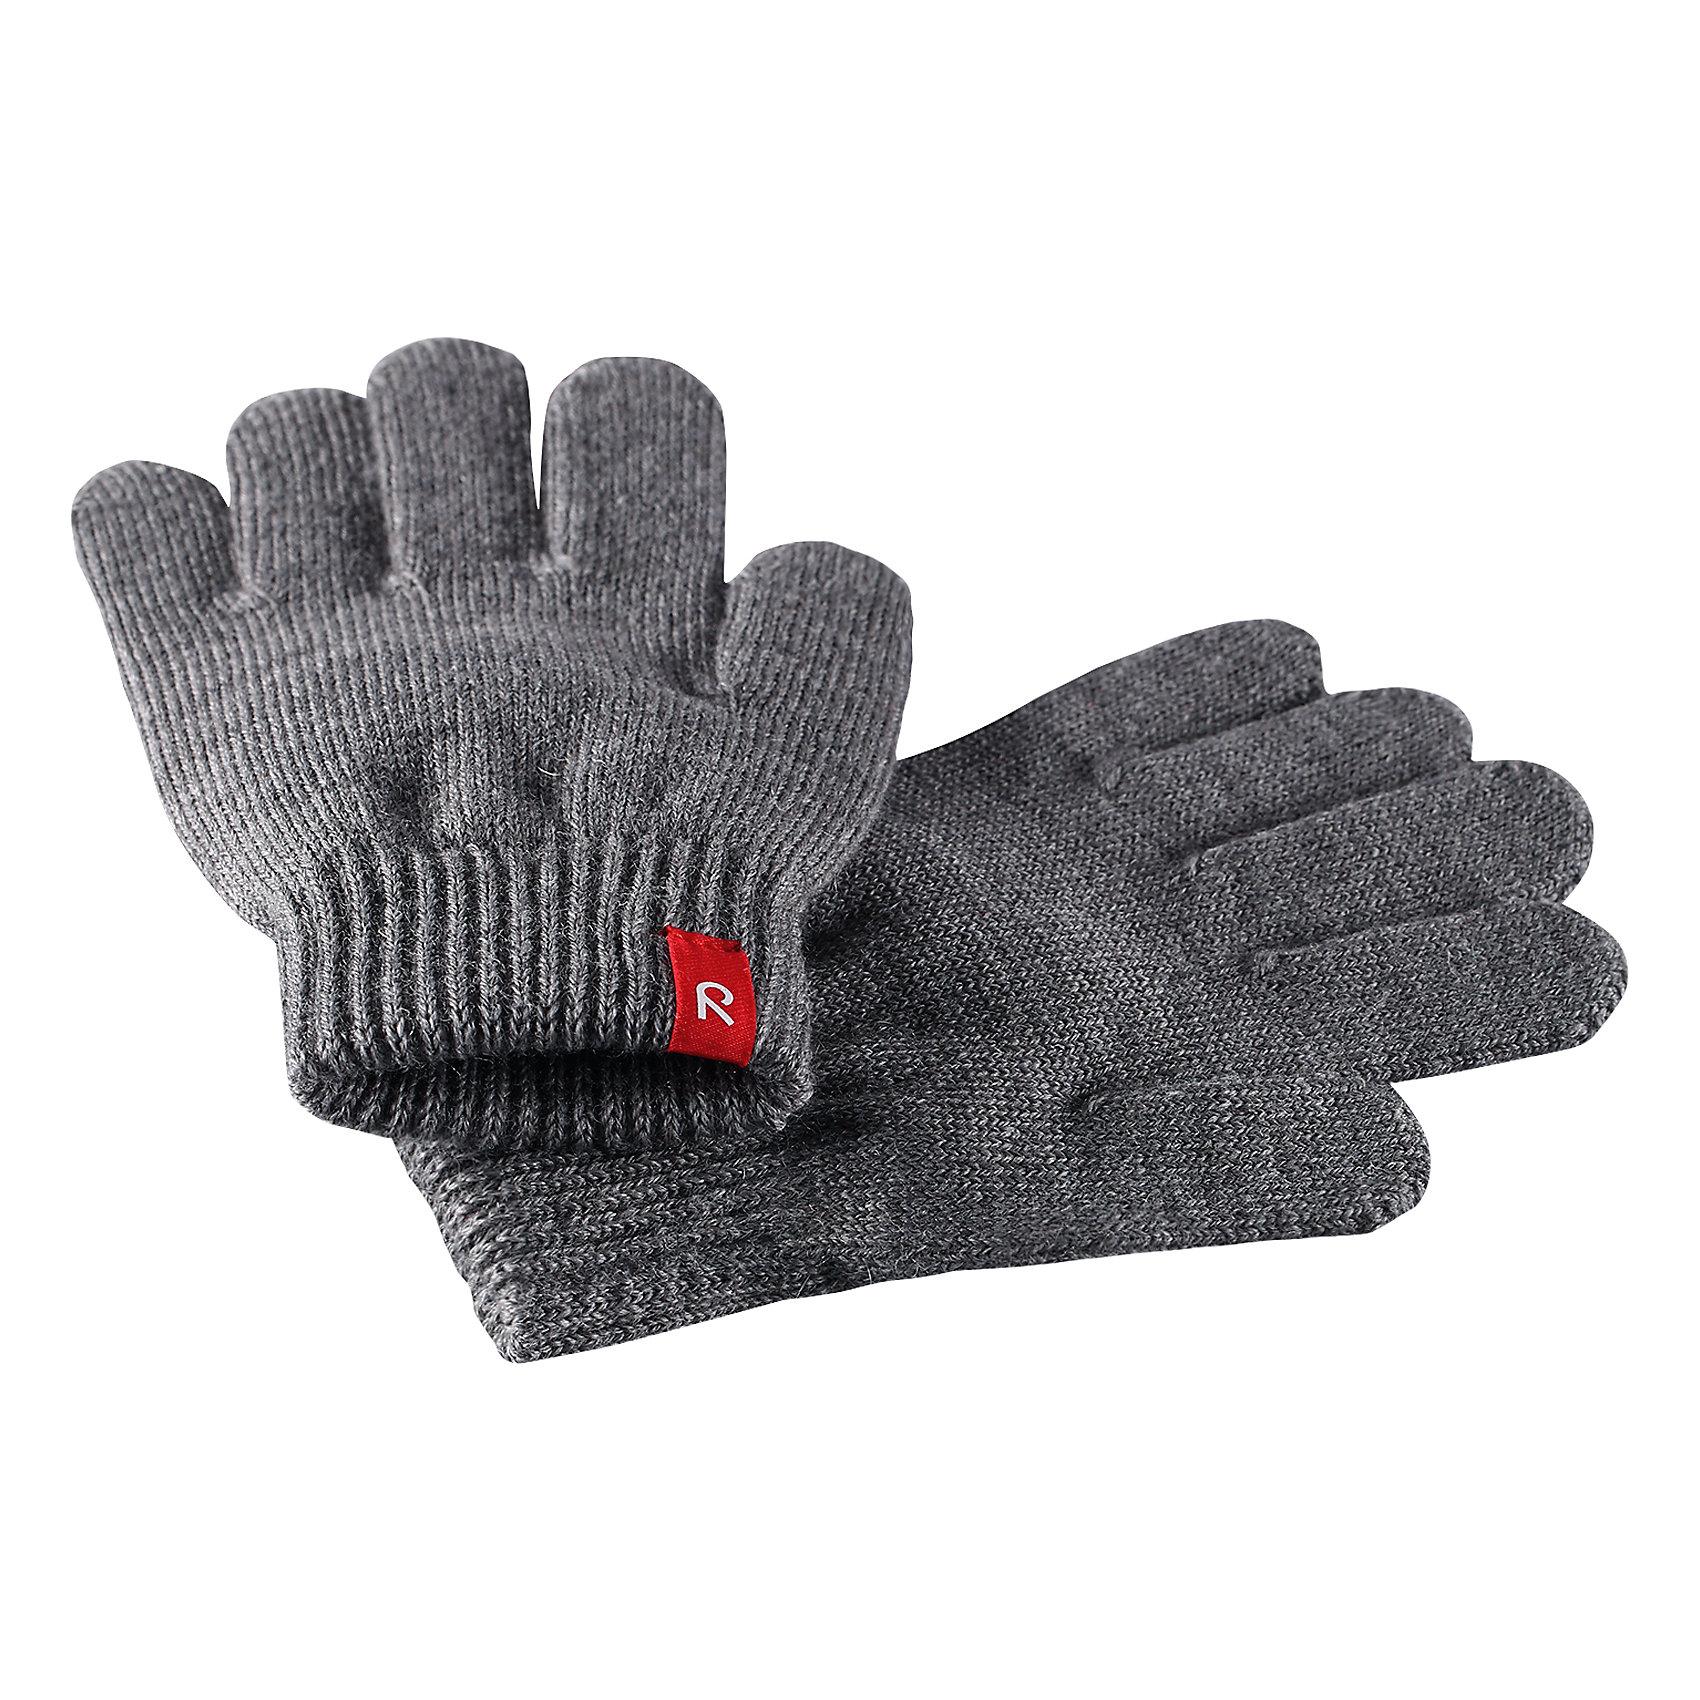 Перчатки Reima TwigПерчатки, варежки<br>Характеристики товара:<br><br>• цвет: серый;<br>• состав: 75% шерсть, 22% полиакрил, 2% полиамид, 1% эластан;<br>• сезон: демисезон, зима;<br>• шерсть идеально поддерживает температуру;<br>• мягкая и теплая ткань из смеси шерсти;<br>• легкий стиль, без подкладки;<br>• страна бренда: Финляндия;<br>• страна изготовитель: Китай.<br><br>Перчатки выполнены из эластичной полушерсти, дарящей комфорт в прохладные дни ранней осенью. Они идеально подойдут для поддевания под водонепроницаемые варежки и перчатки. Изготовлены из трикотажа высокого качества и легко стираются в стиральной машине. <br><br>Перчатки Twig Reima от финского бренда Reima (Рейма) можно купить в нашем интернет-магазине.<br><br>Ширина мм: 162<br>Глубина мм: 171<br>Высота мм: 55<br>Вес г: 119<br>Цвет: серый<br>Возраст от месяцев: 120<br>Возраст до месяцев: 144<br>Пол: Унисекс<br>Возраст: Детский<br>Размер: 7/8,3/4,5/6<br>SKU: 6902119